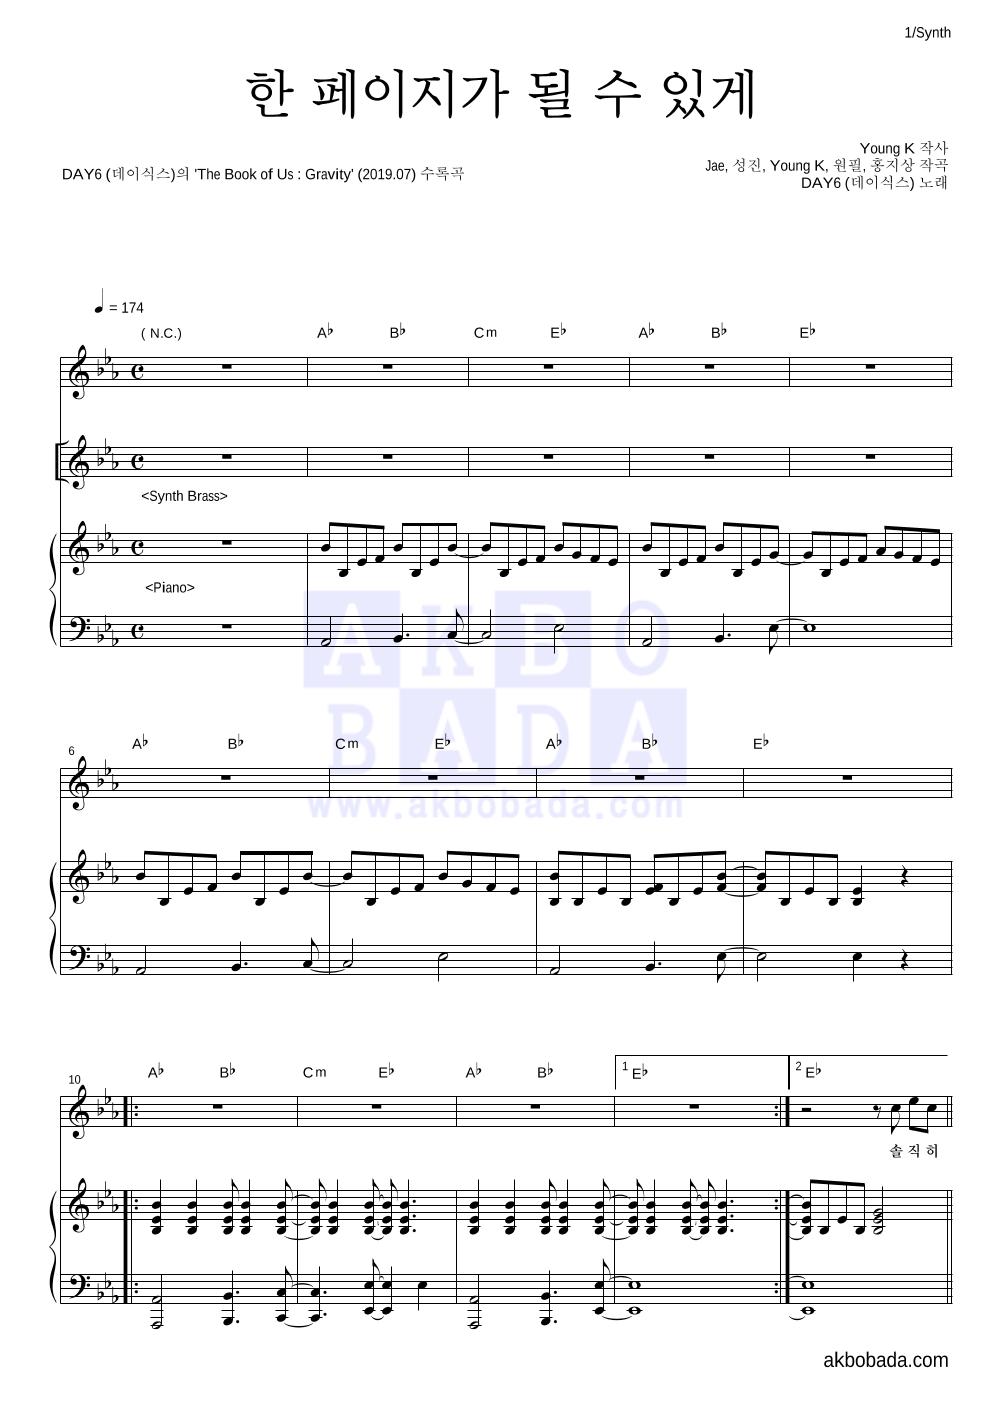 DAY6 - 한 페이지가 될 수 있게 건반 악보